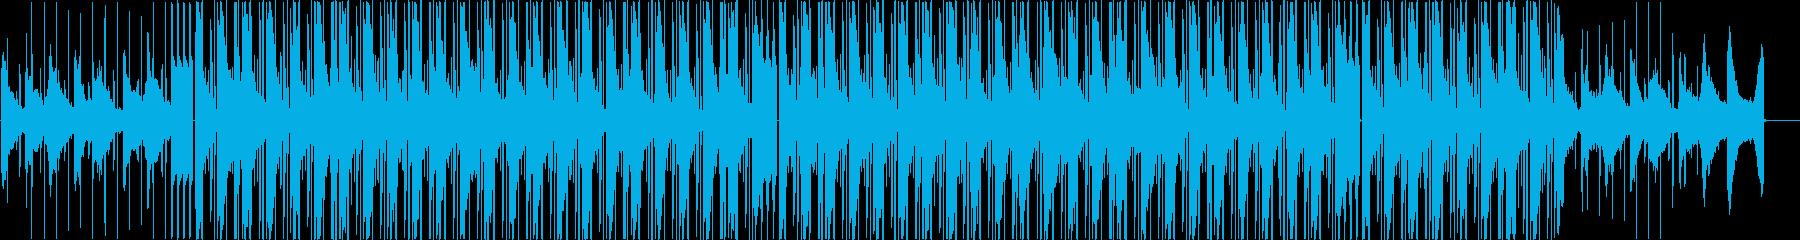 おしゃれヒップホップの再生済みの波形